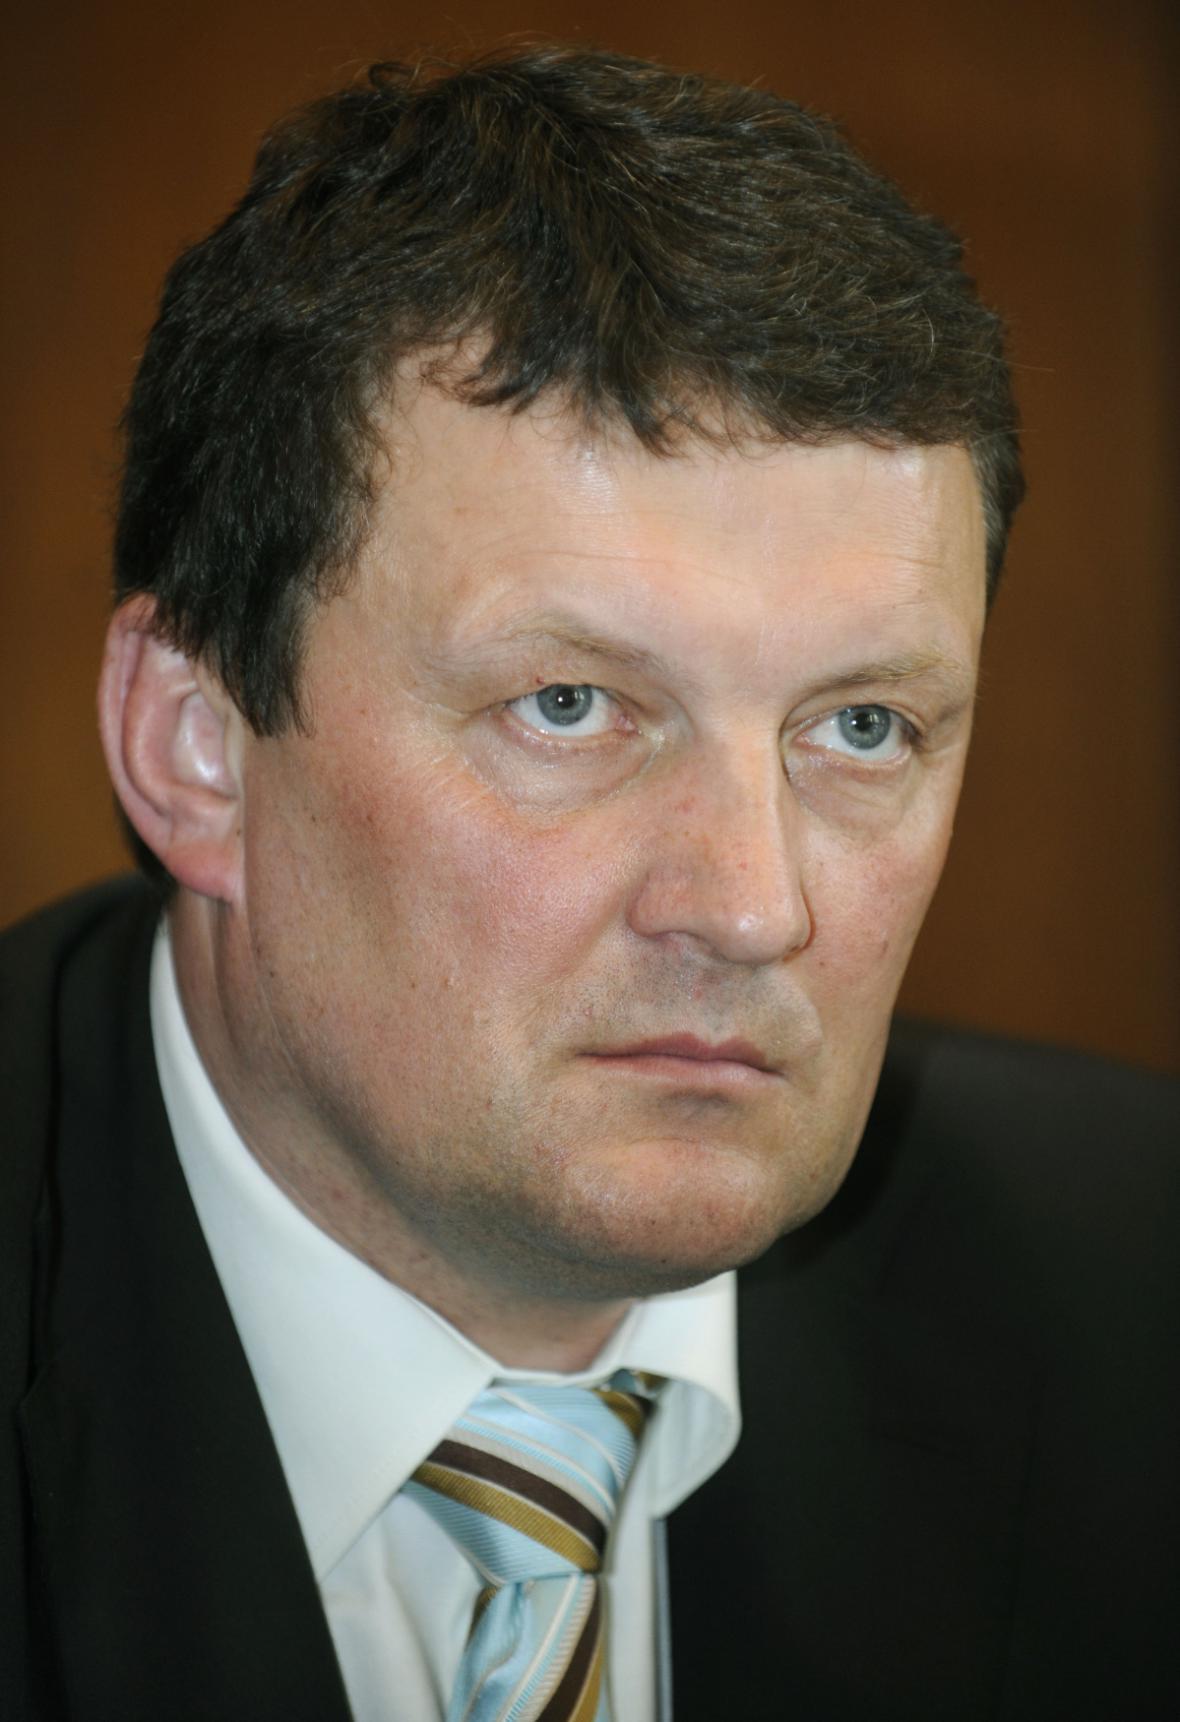 Jiří Novák na archivním snímku z roku 2008